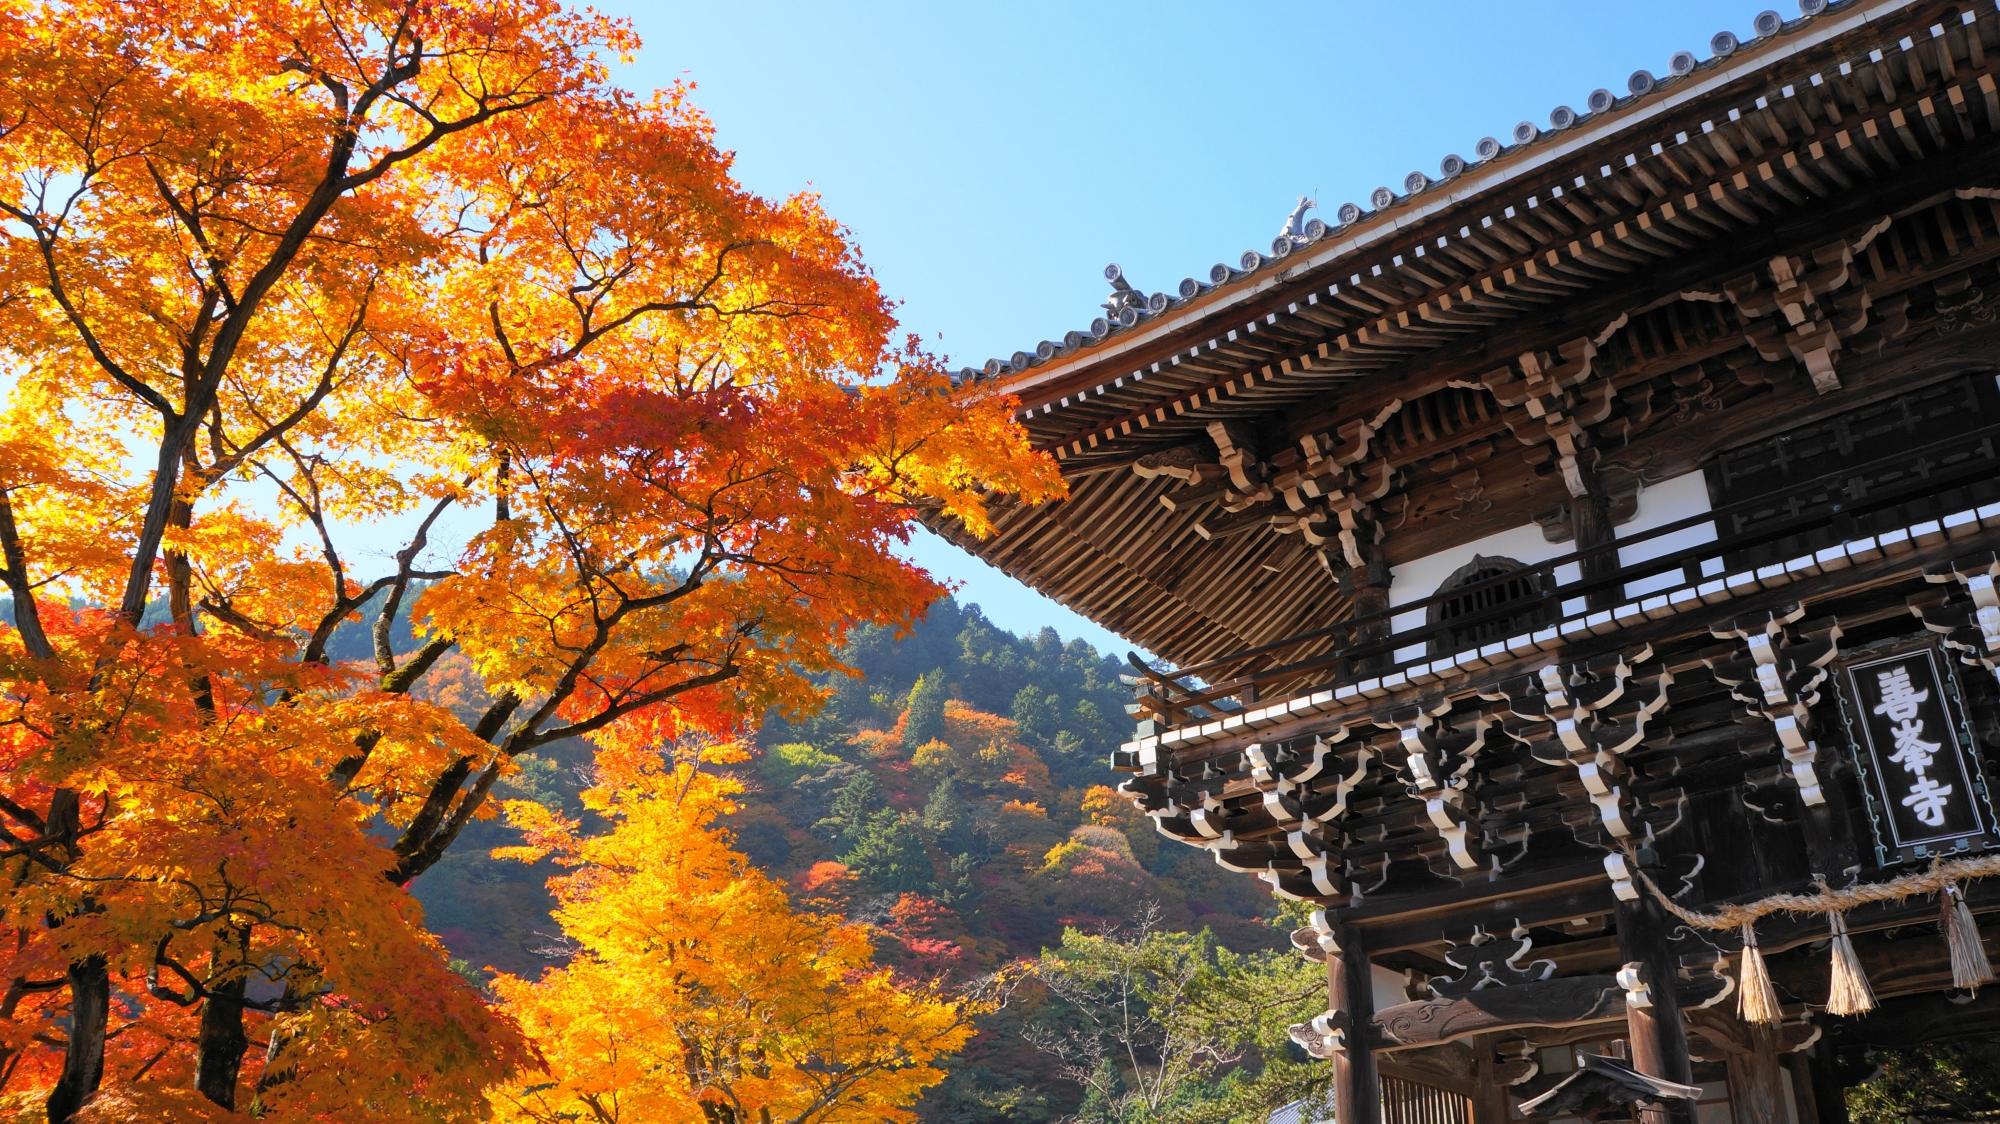 善峯寺山門の黄金に輝く紅葉